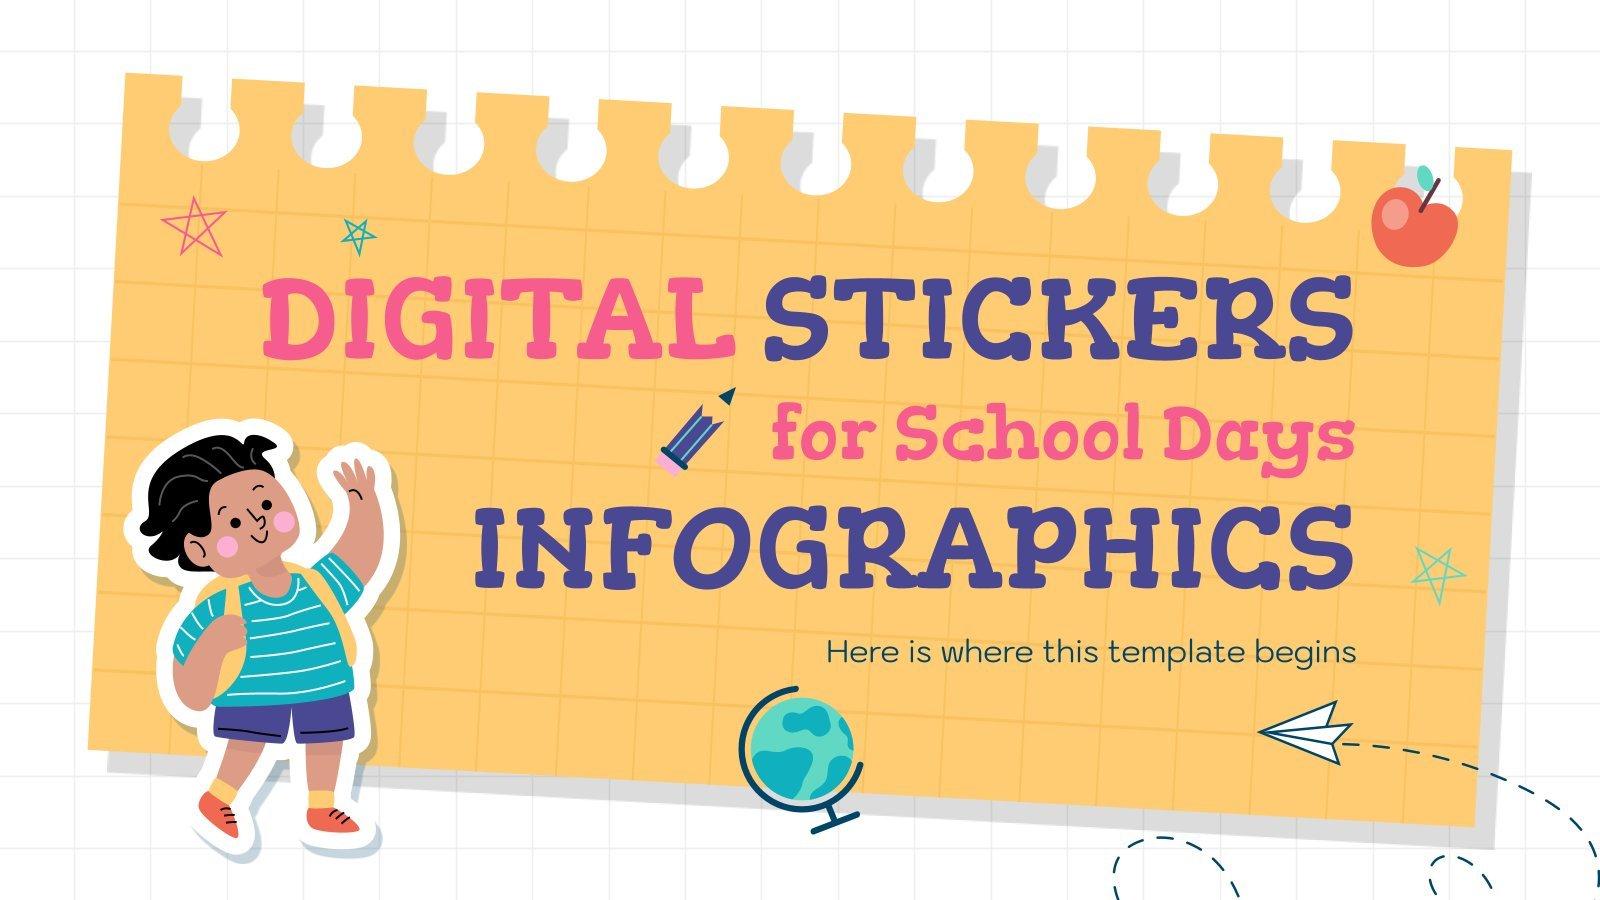 Modelo de apresentação Infográficos de adesivos digitais para a escola